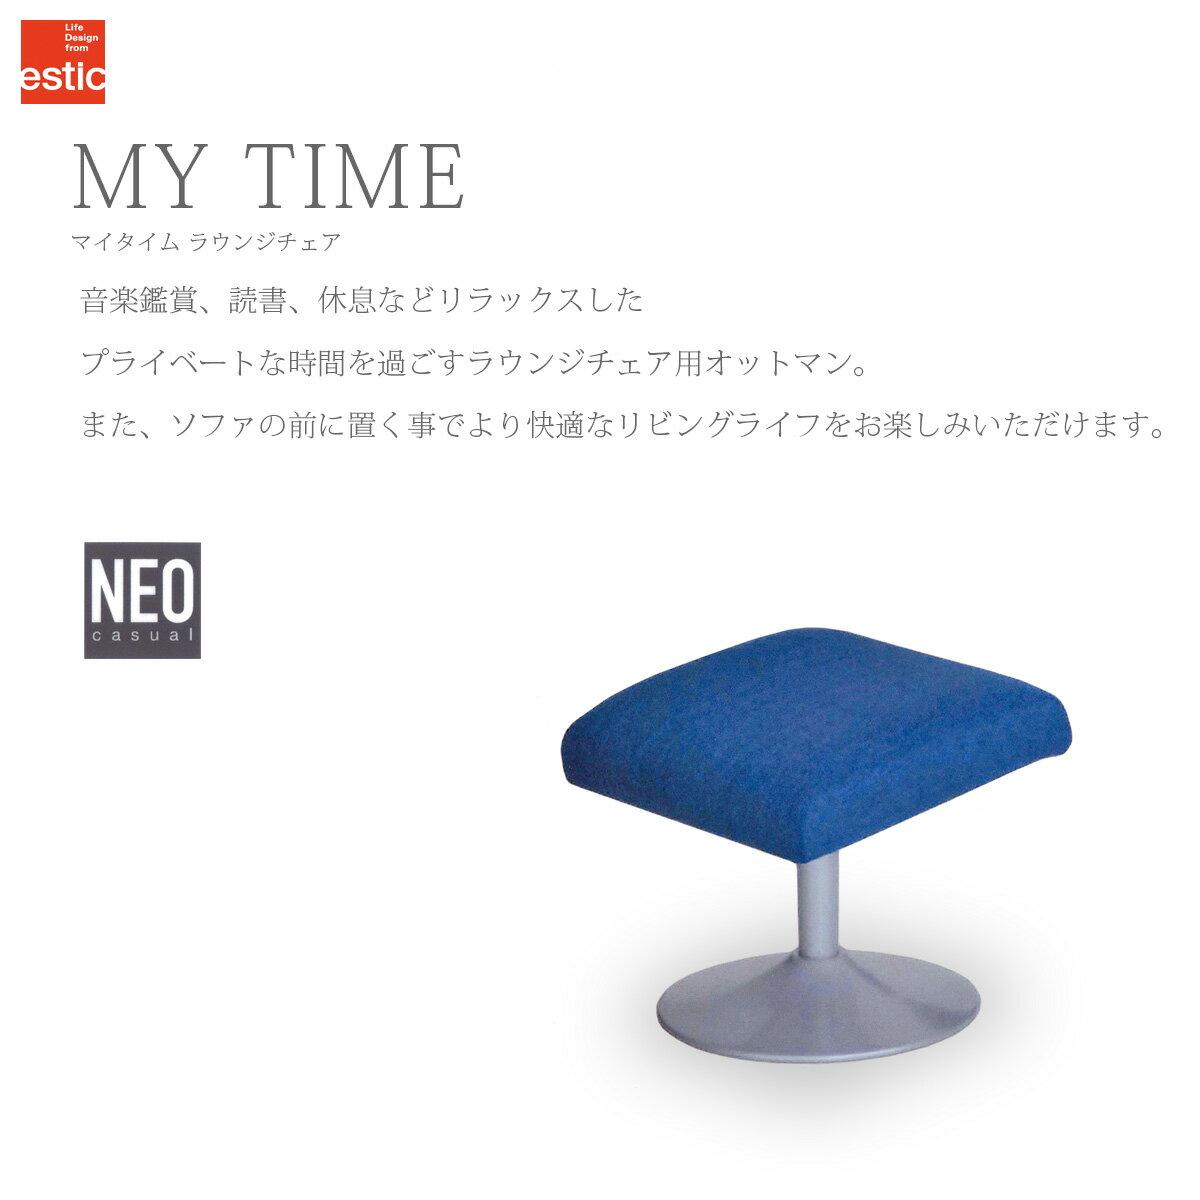 estic(エスティック) NEO Casual(ネオカジュアル)シリーズ MY TIME(マイタイム) オットマン (生地:K1ランク)【全国送料無料】【RCP】【同梱不可】